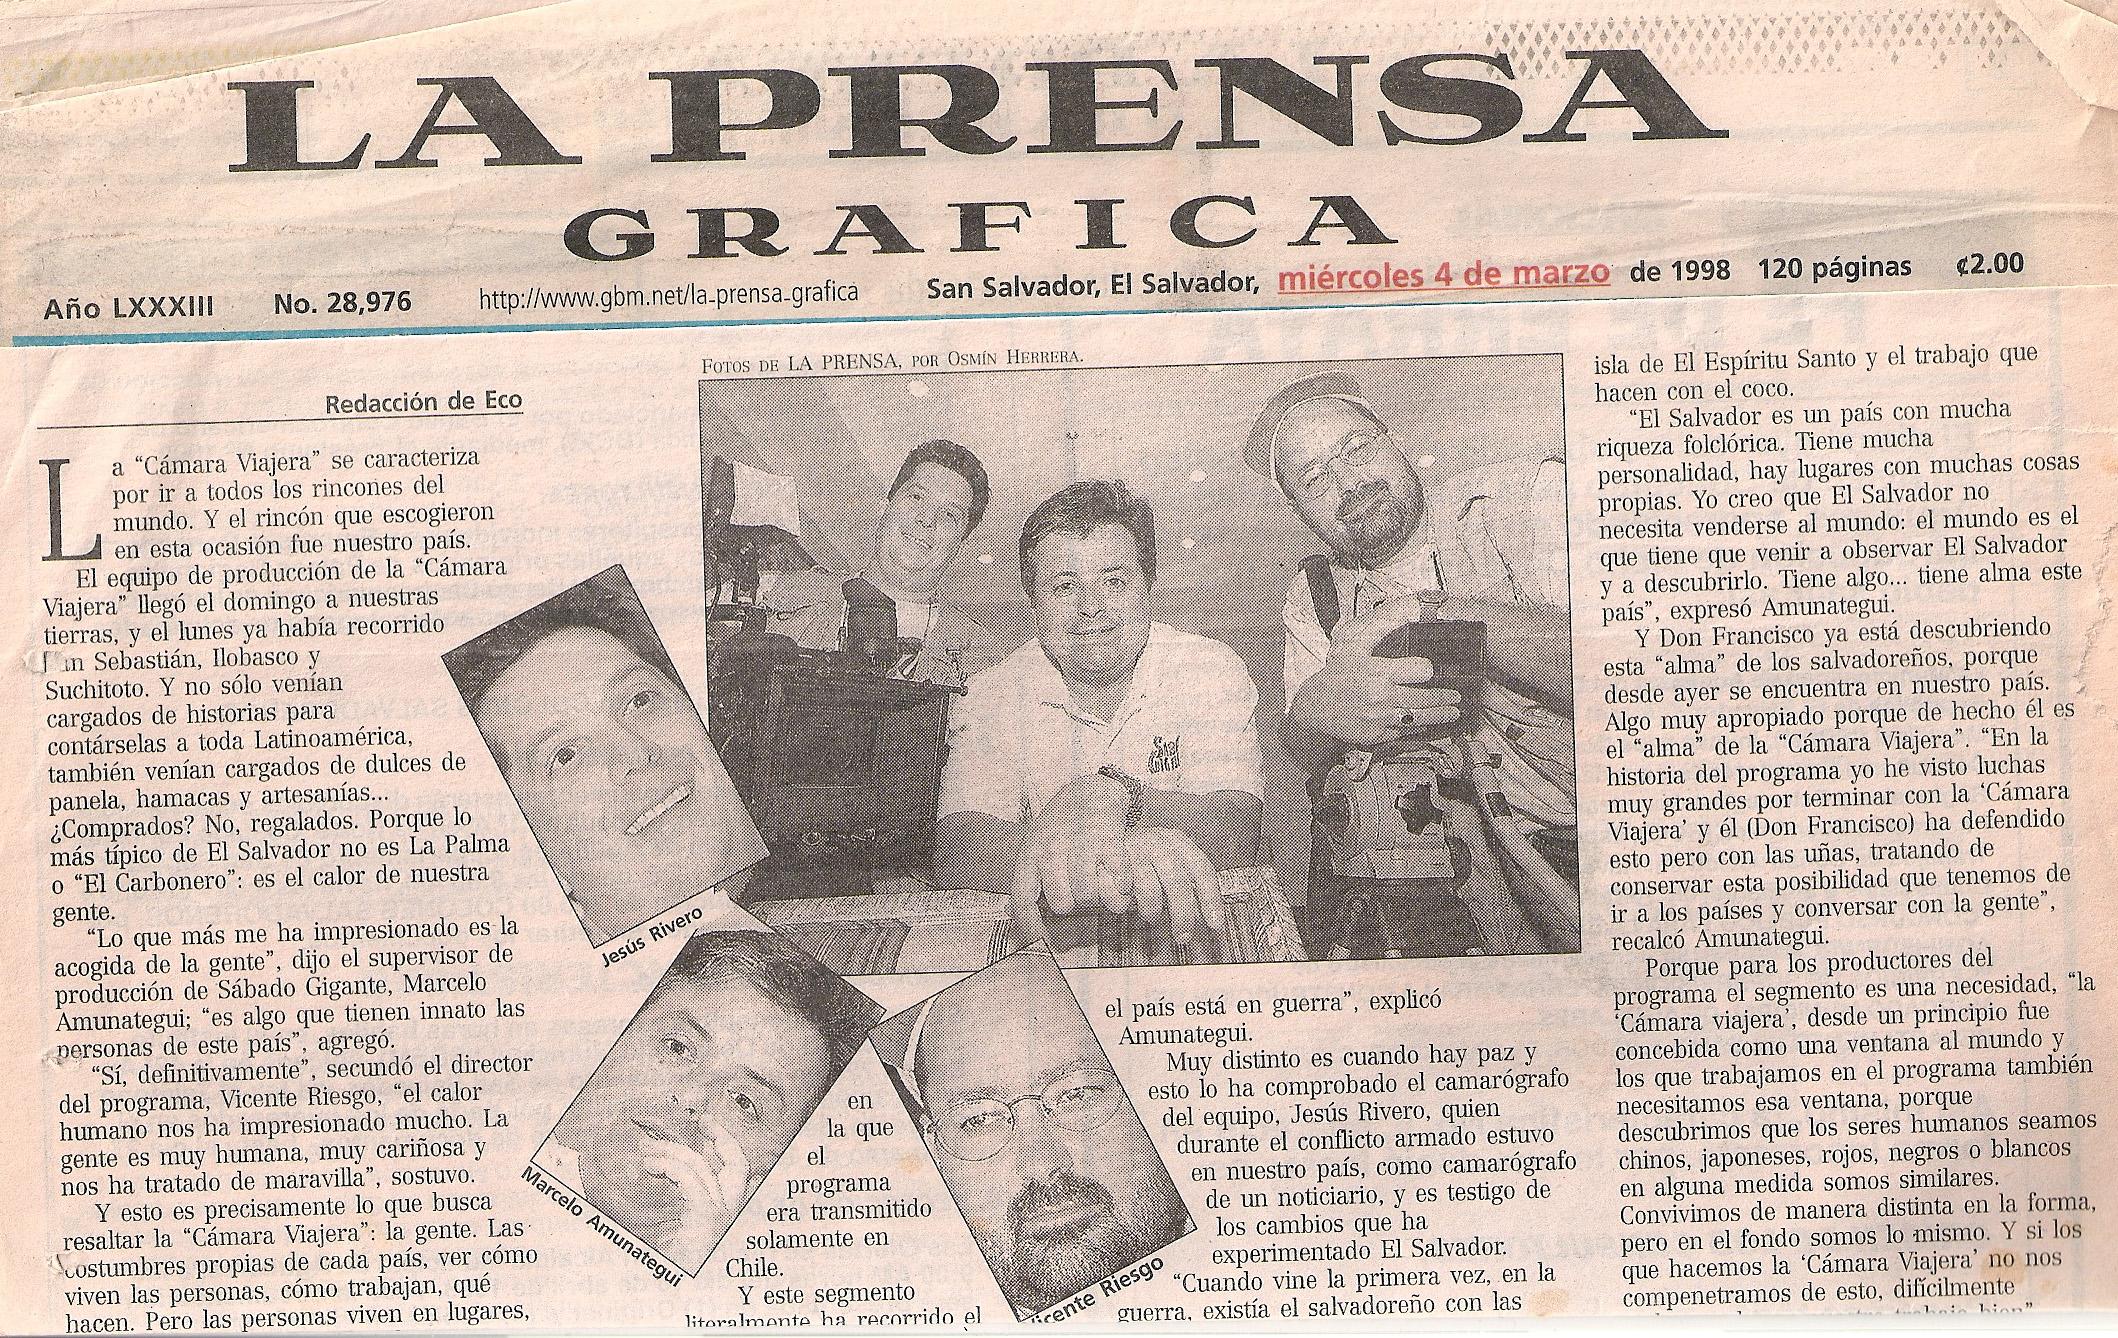 Prensa Grafica - El Salvador